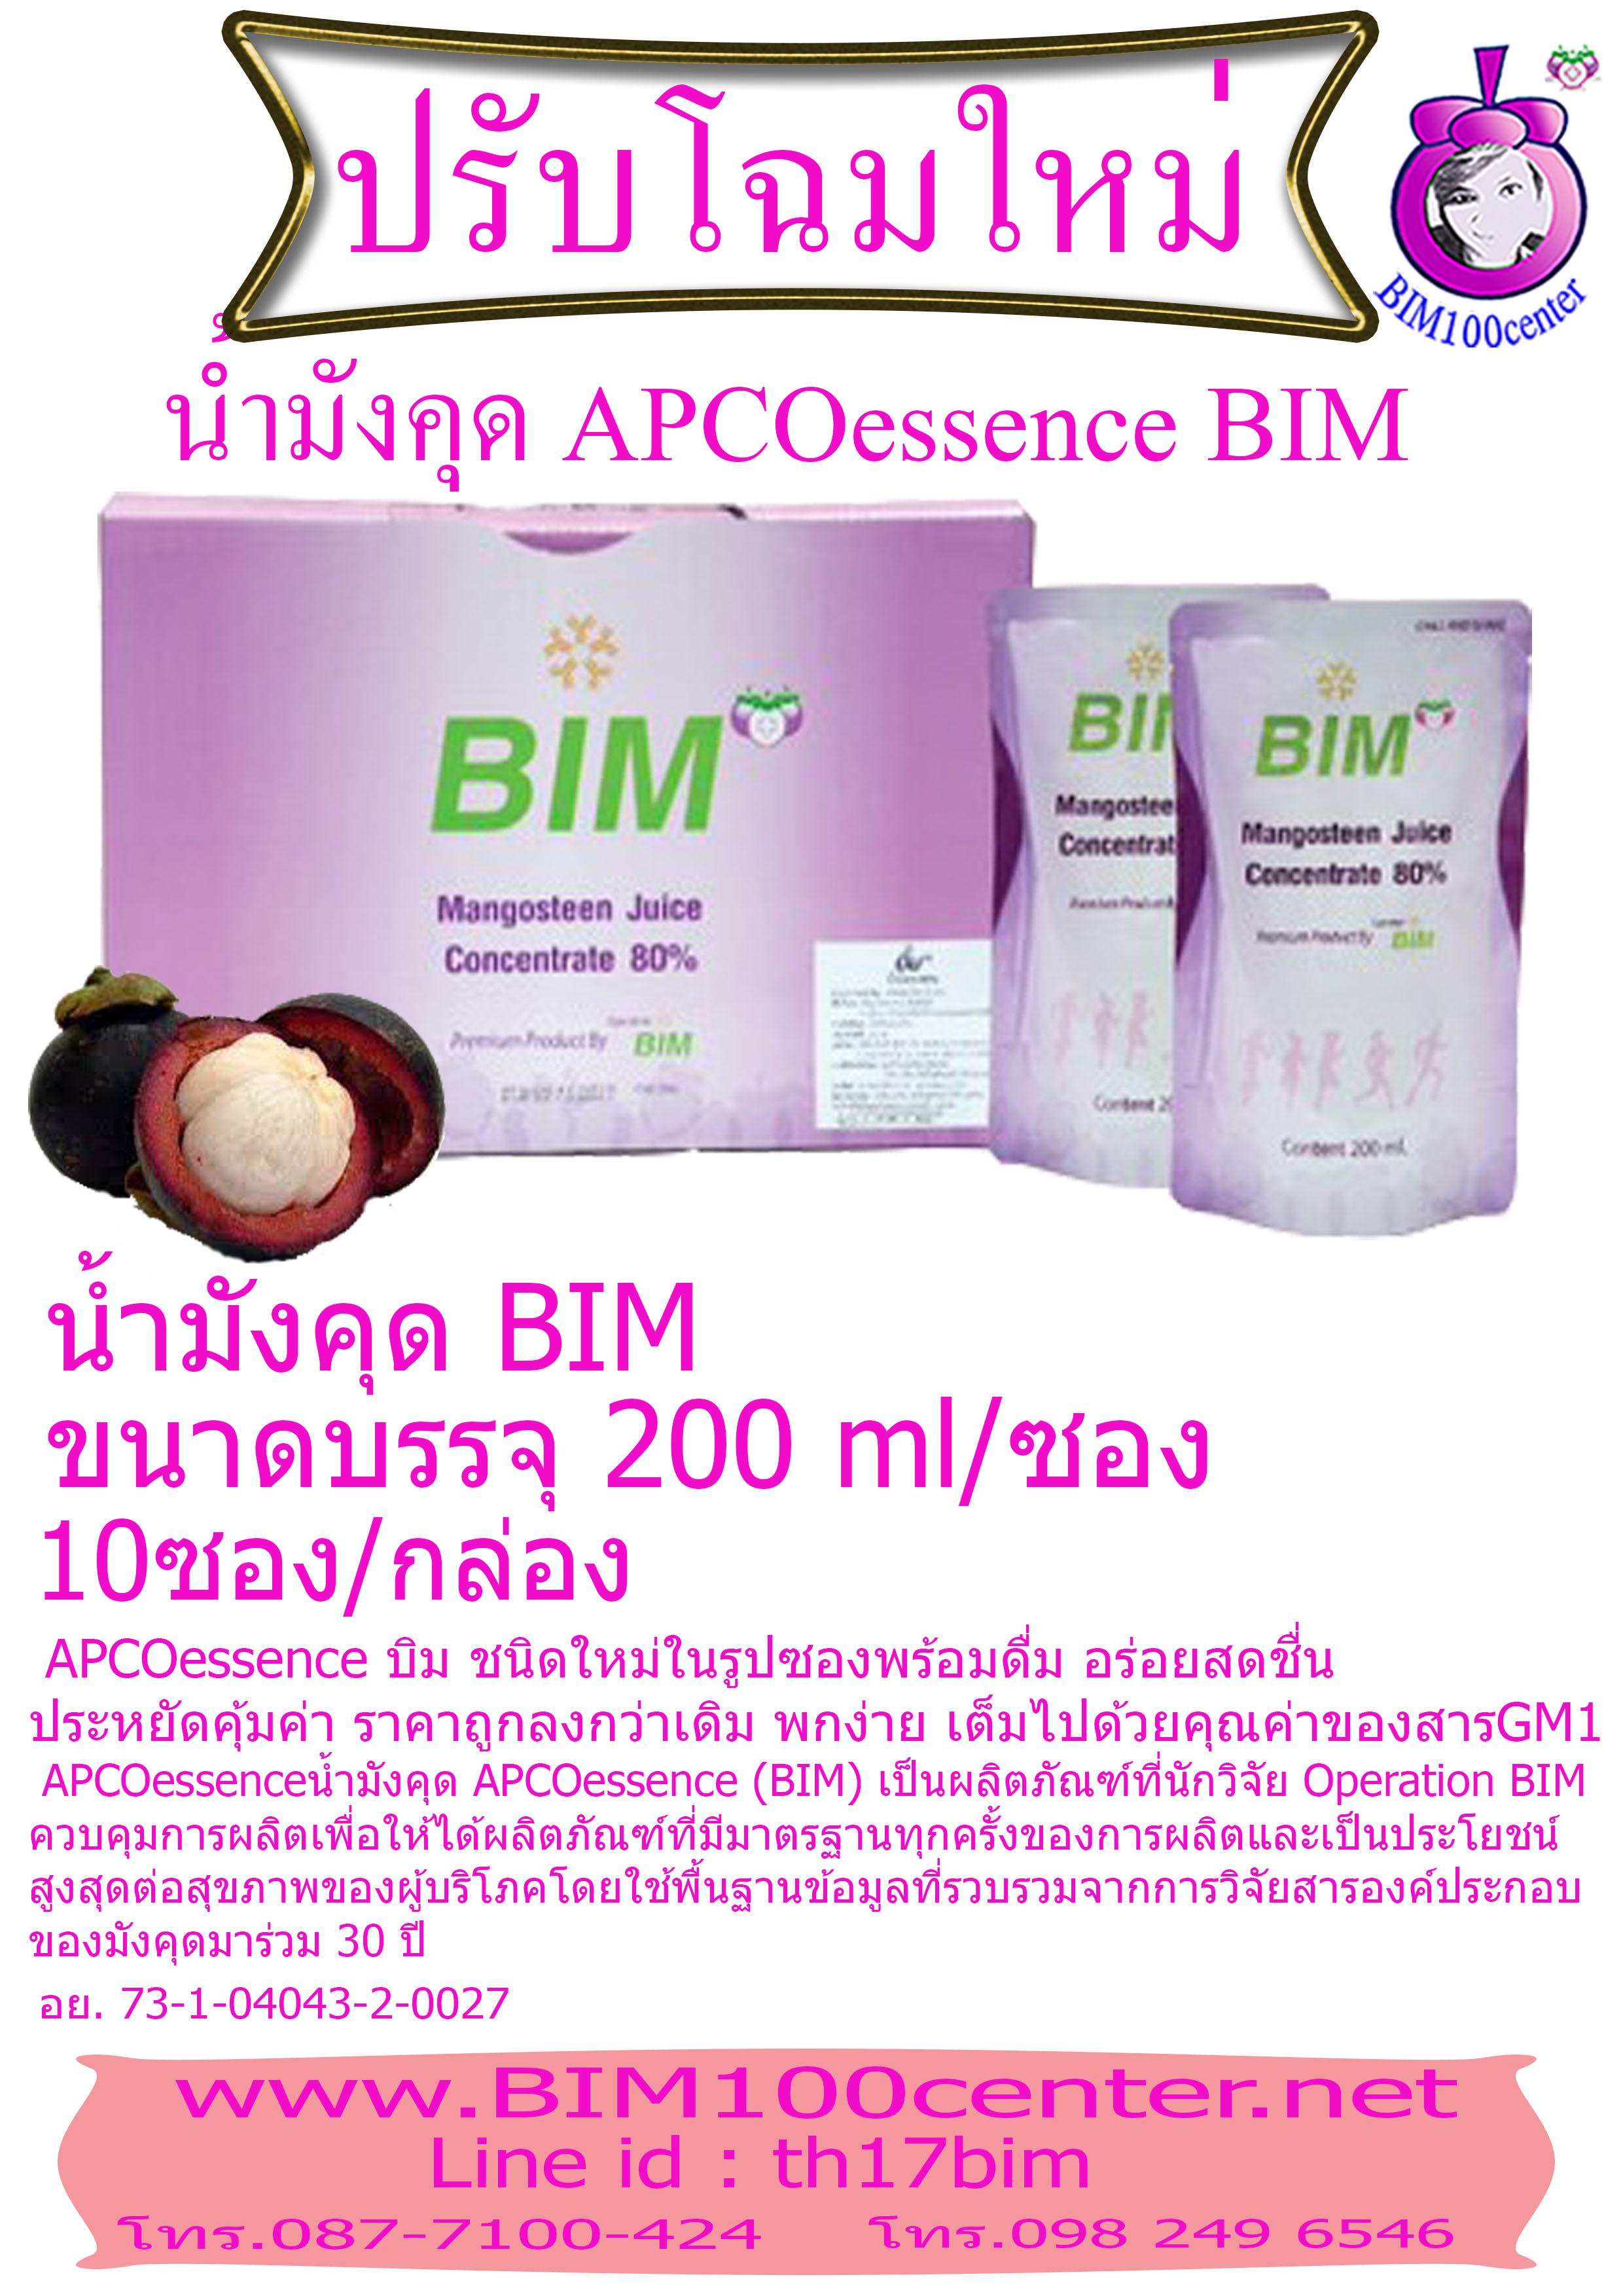 2.น้ำมังคุดสกัดเข้มข้น บิม BIM ผลงานวิจัย Operation Bim อีกเช่นกัน ที่พัฒนาและผลิตให้มีรสชาติที่ดีบริสุทธิ์มาก โดยไม่ใช้สารกันบูด ไม่เติมน้ำตาล ไม่ใส่สีสังเคราะห์ ไม่แต่งกลิ่นด้วยสารเคมี ไม่ผสมเปลือกมังคุด จึงไม่ปนเปื้อนยาฆ่าแมลง และ ศัตรูพืช ไม่มีแทนนินในปริมาณมากเกินไปจนเป็นพิษต่อตับ ทว่ามีปริมาณระดับมาตรฐาน GM-1 แซนโทนส์ที่ดีที่สุดในมังคุด โดยคณะนักวิจัยค้นพบว่าเป็นสารธรรมชาติในผลมังคุด ที่มีคุณภาพสูงสุดในการเสริมระดับภูมิคุ้มกันให้สมดุล อีกทั้งยังมีรสชาติอร่อย ทำให้รู้สึกสดชื่น พร้อมกับมีสุขภาพสุดยอด เพียงดื่มน้ำมังคุดสกัดเข้มข้นนี้ วันละ หนึ่ง ขวด สามารถเสริมระดับภูมิคุ้มกันให้สมดุลได้เทียบเท่าสารสกัด GM-1 (จีเอ็ม-วัน) ในเนื้อมังคุด 45 ผล